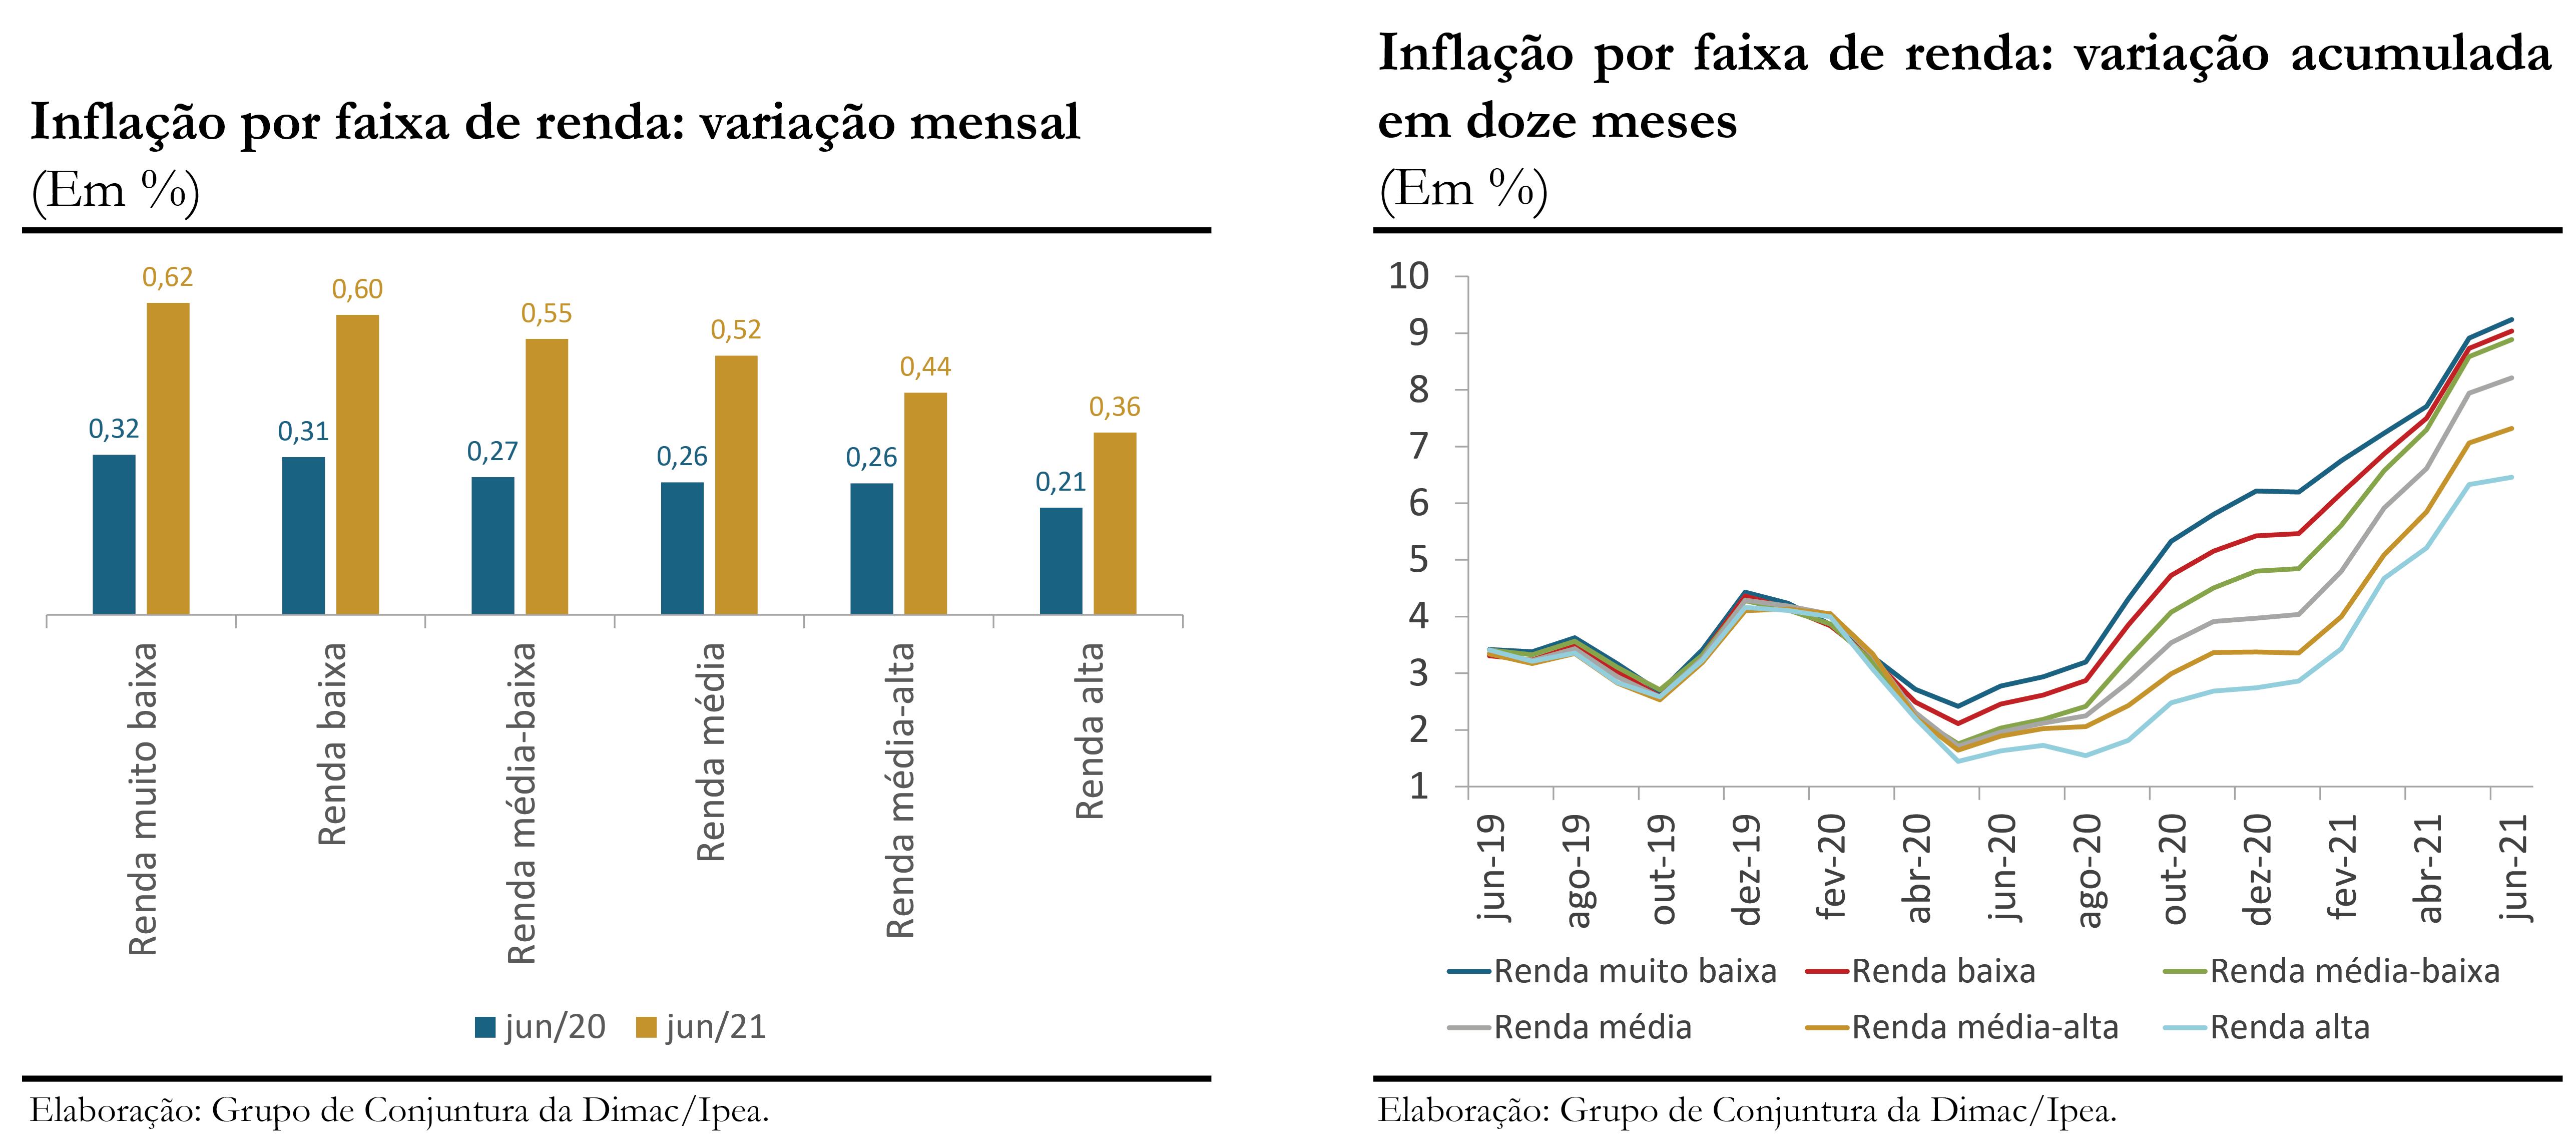 210713_cc_52_nota_5_inflacao_por_faixa_de_renda_graficos_1_e_2_jun21